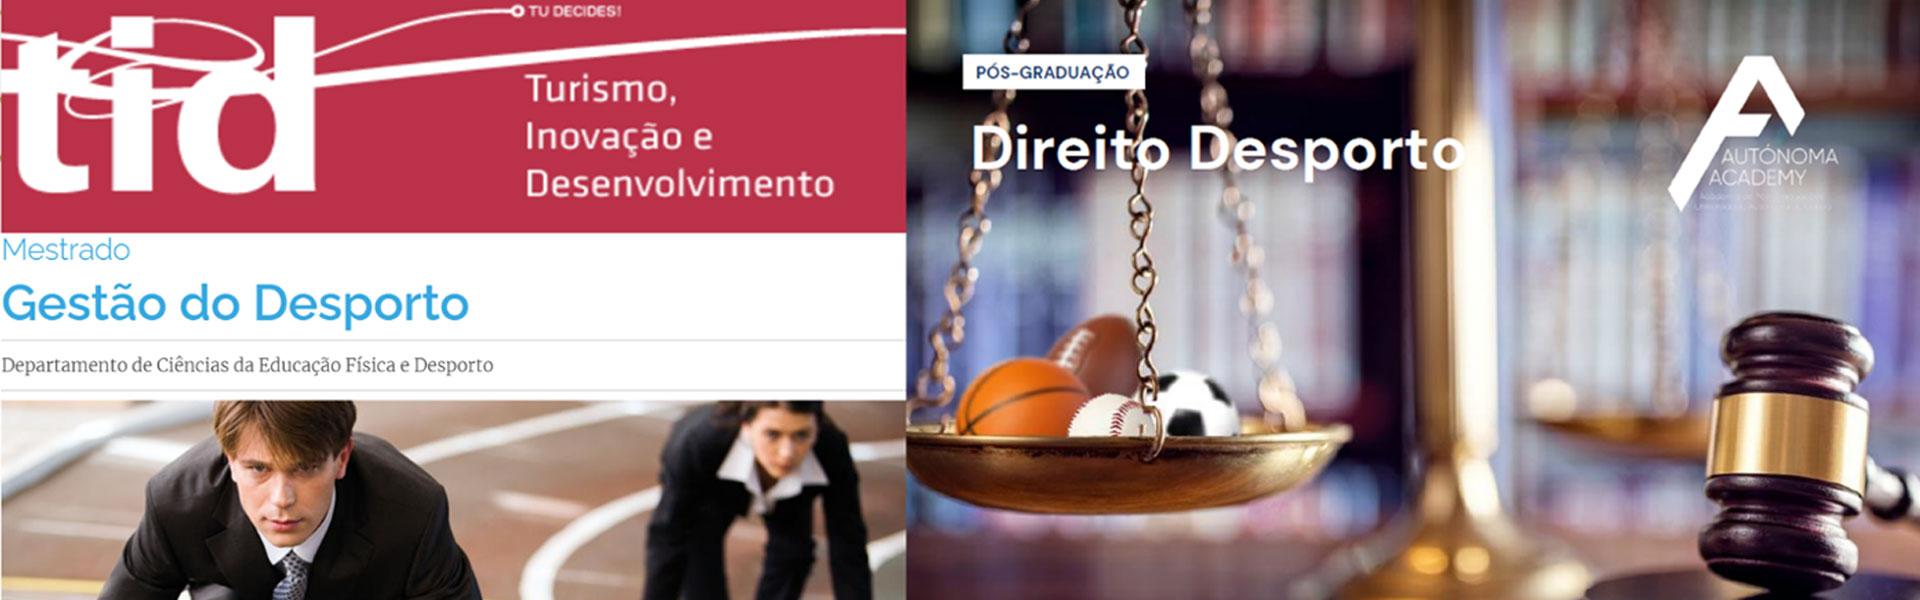 Fundação do Desporto e Santa Casa da Misericórdia de Lisboa promovem capacitação e qualificação dos recursos humanos dos Centros de Alto Rendimento